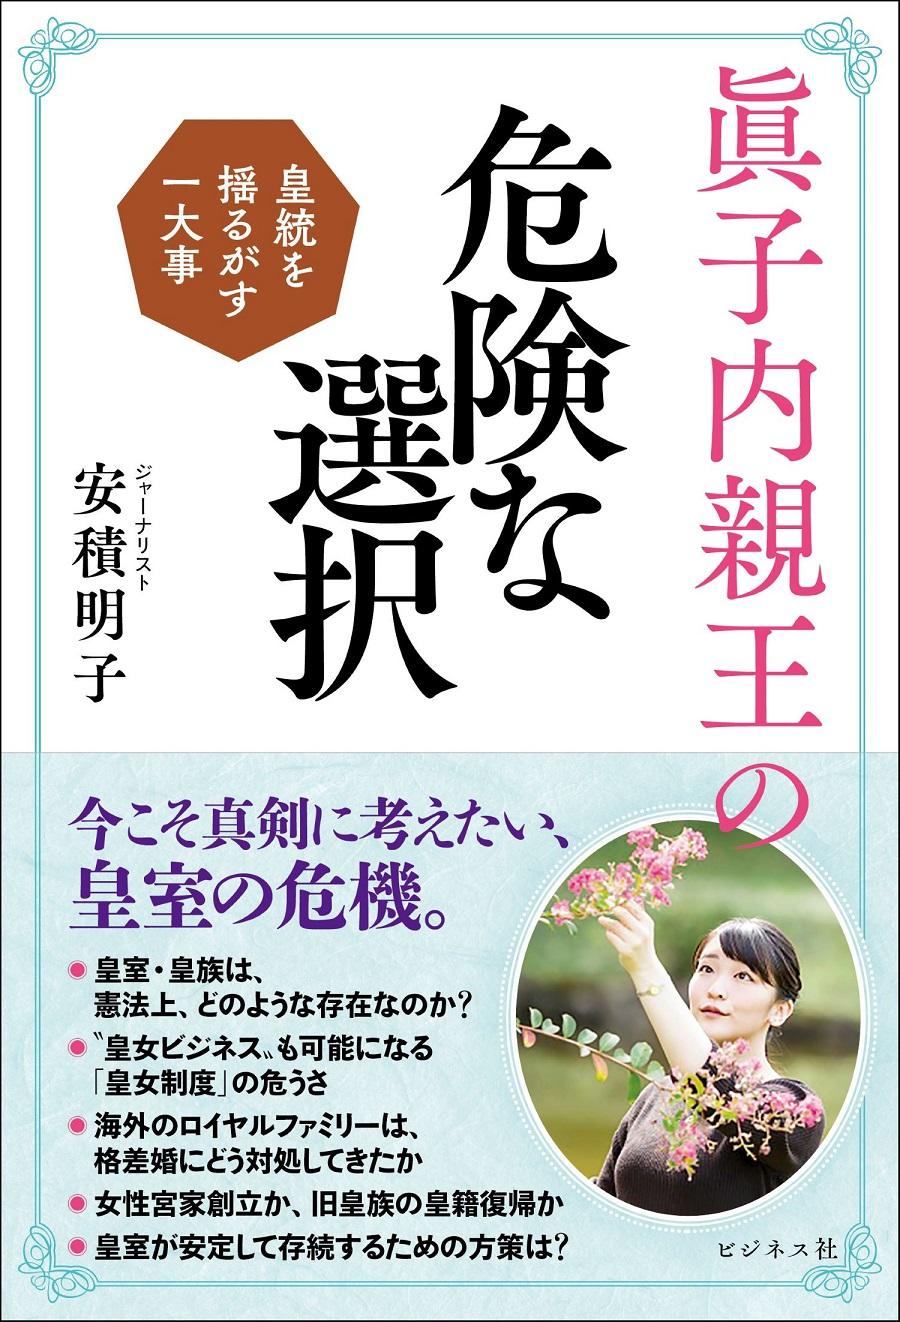 眞子さま・小室圭さん「ご結婚問題」から見える皇室の「課題」とは ...